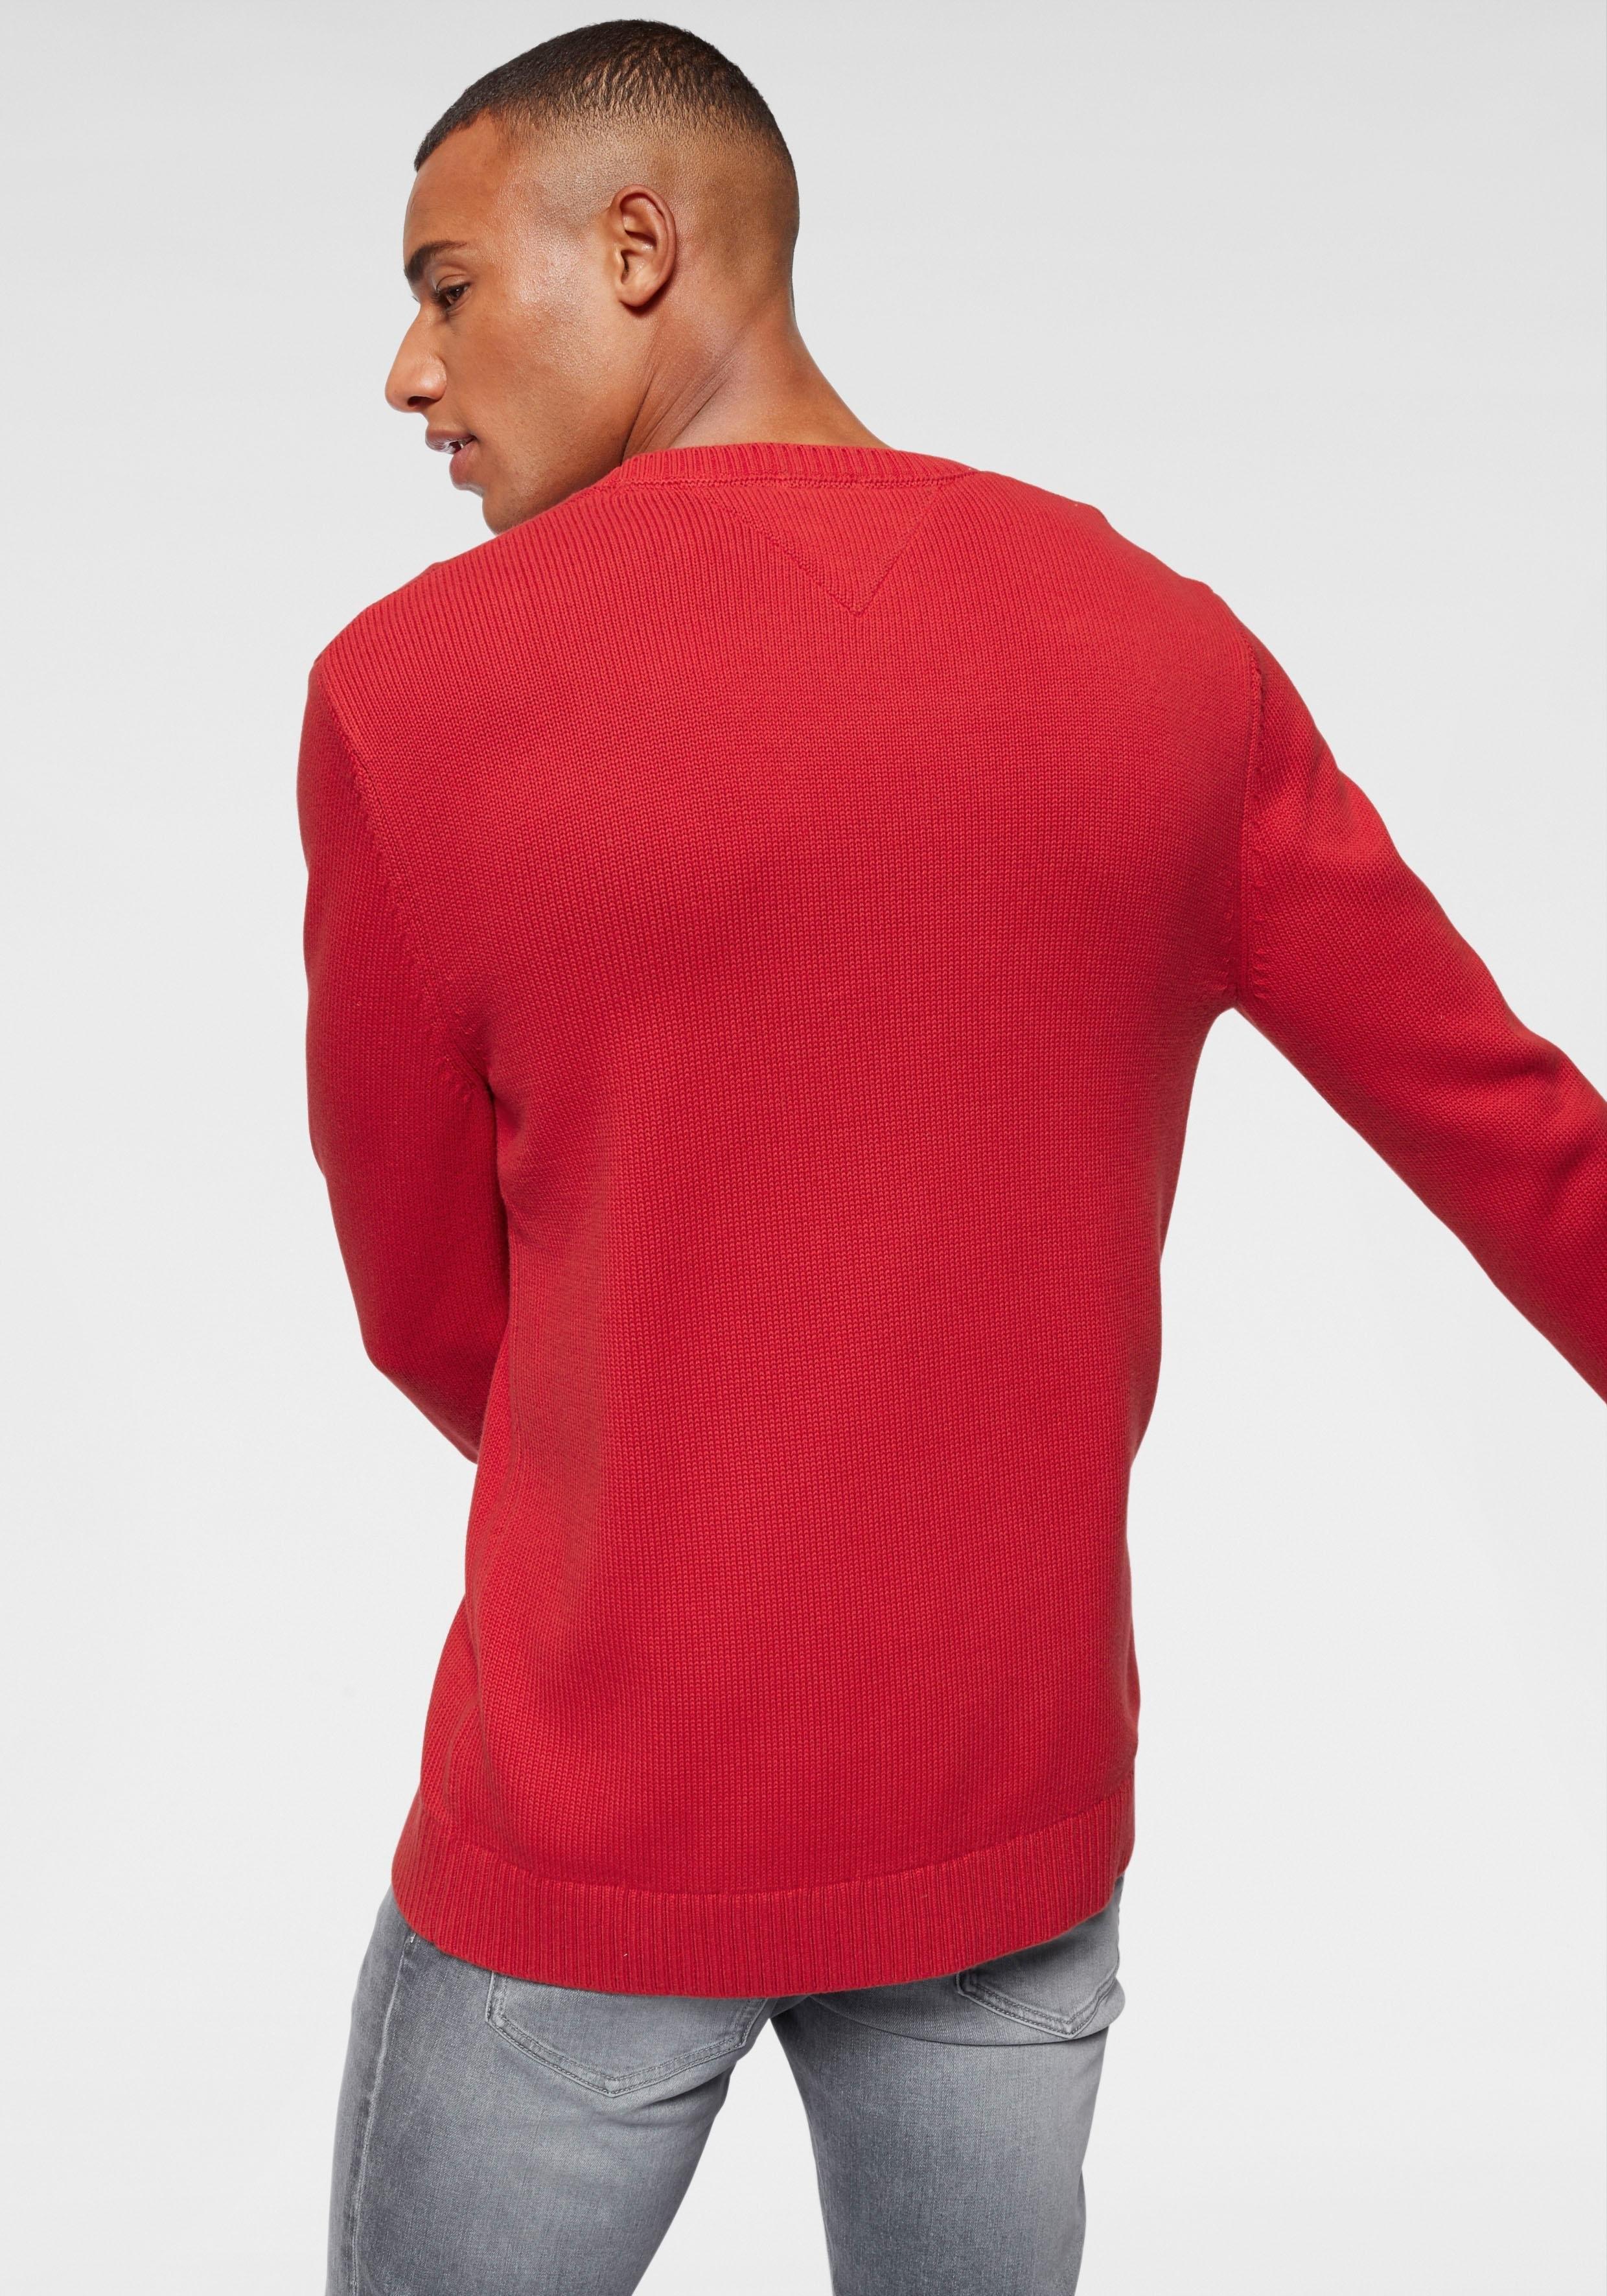 Sweater Online Kopen Tommy Gebreide Truitjm Jeans Classics srCBQdthxo